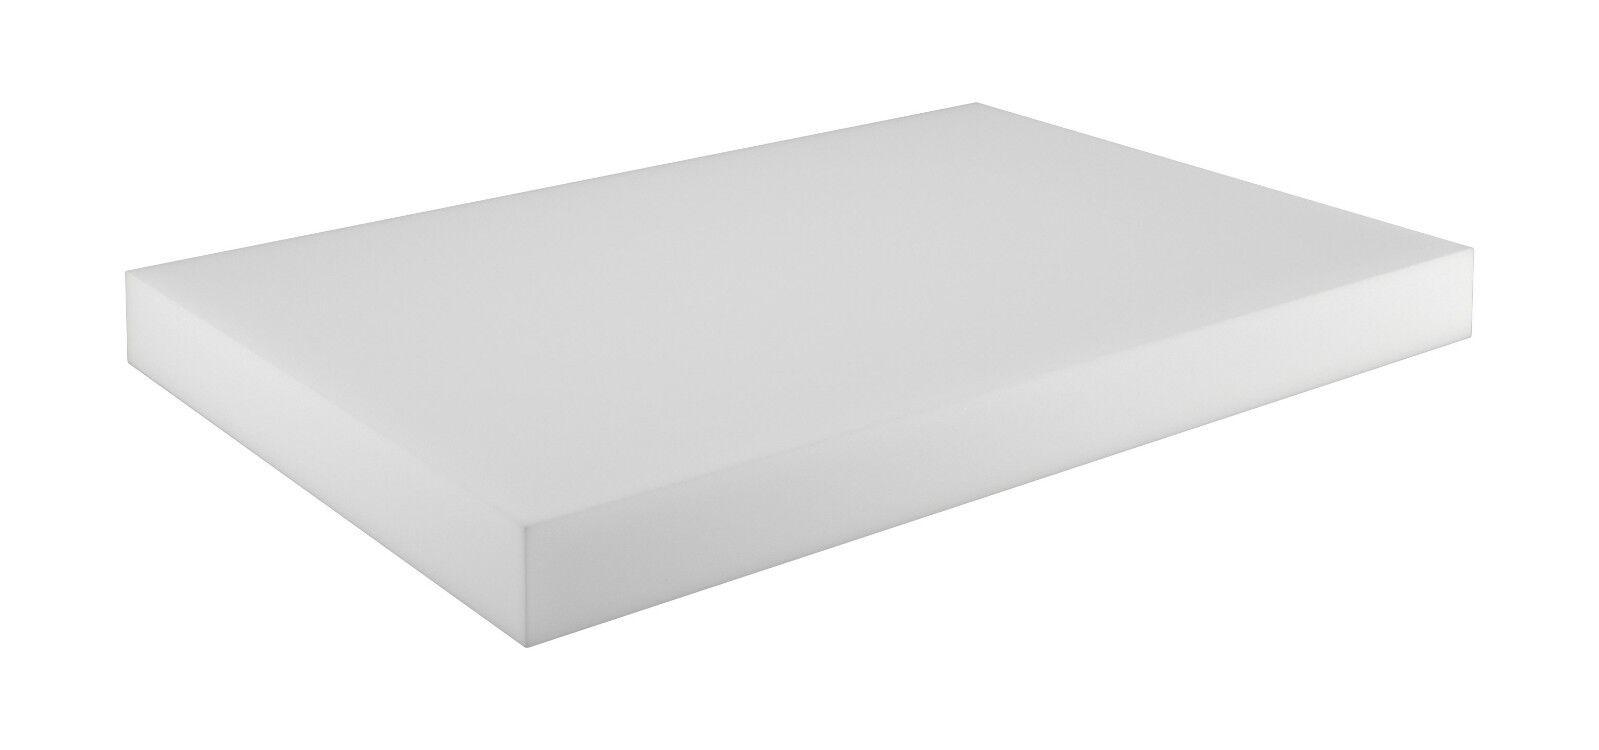 Schaumstoffplatte für Europalette Polsterauflage Matratze Zuschnitt 120x80cm Sitzkissen 120x80x20cm